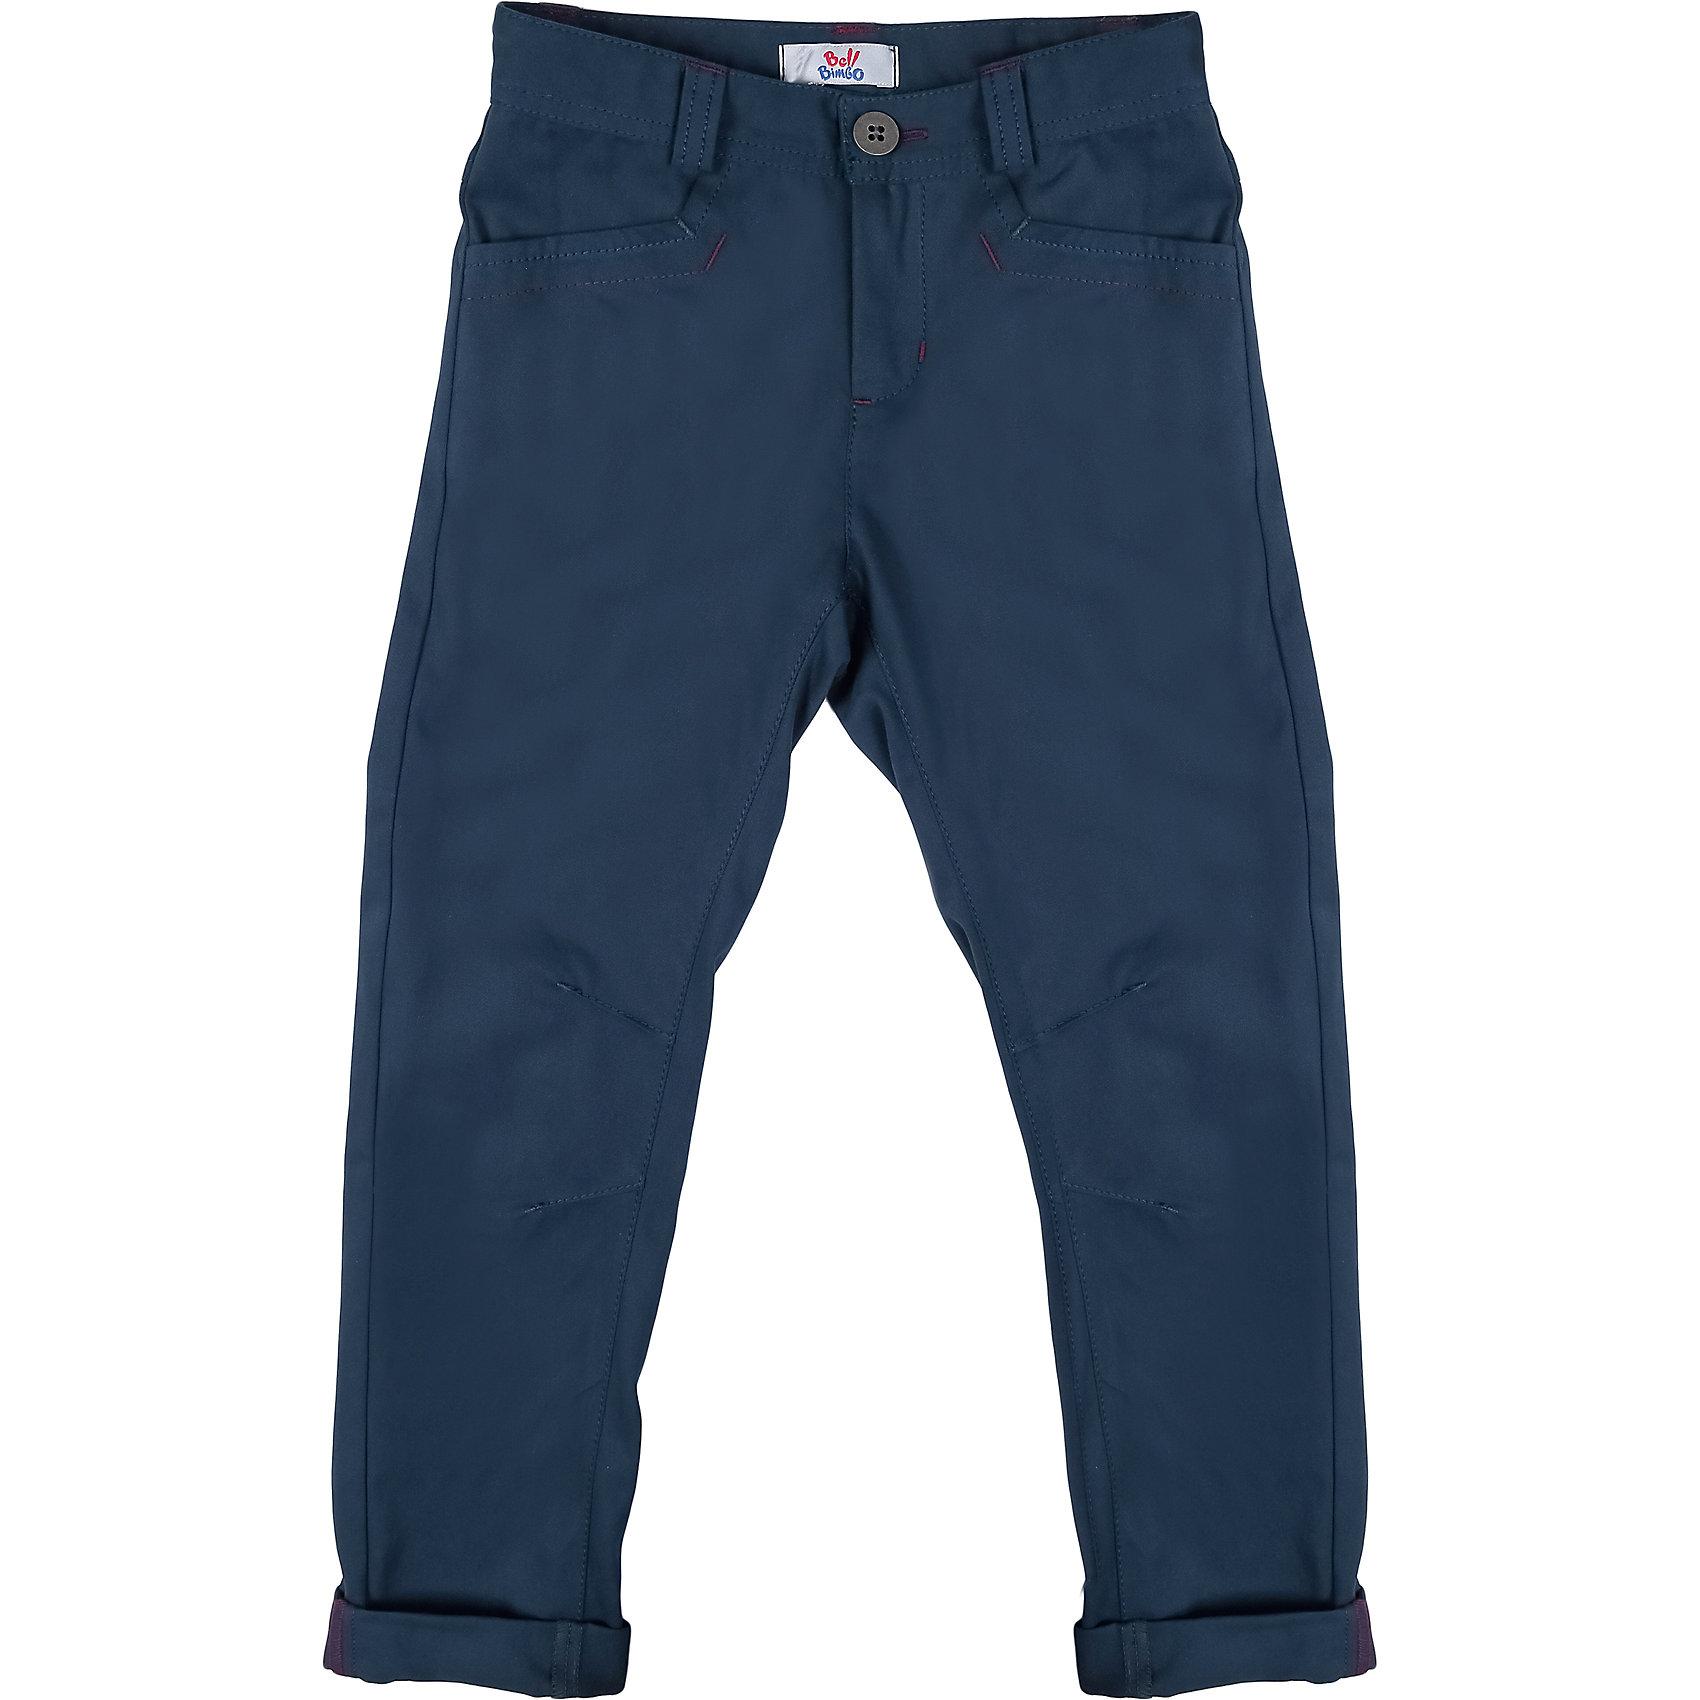 Брюки для мальчика Bell BimboБрюки<br>Брюки для мальчика от марки Bell Bimbo.<br>Однотонные брюки дополнены двумя боковыми карманами спереди, двумя накладными карманами сзади, застежка молния+пуговица,  шлёвки для ремня, манжеты<br>Состав:<br>Твил 100% хб<br><br>Ширина мм: 215<br>Глубина мм: 88<br>Высота мм: 191<br>Вес г: 336<br>Цвет: синий<br>Возраст от месяцев: 120<br>Возраст до месяцев: 132<br>Пол: Мужской<br>Возраст: Детский<br>Размер: 152,158,164,146,134,140,128<br>SKU: 4578561